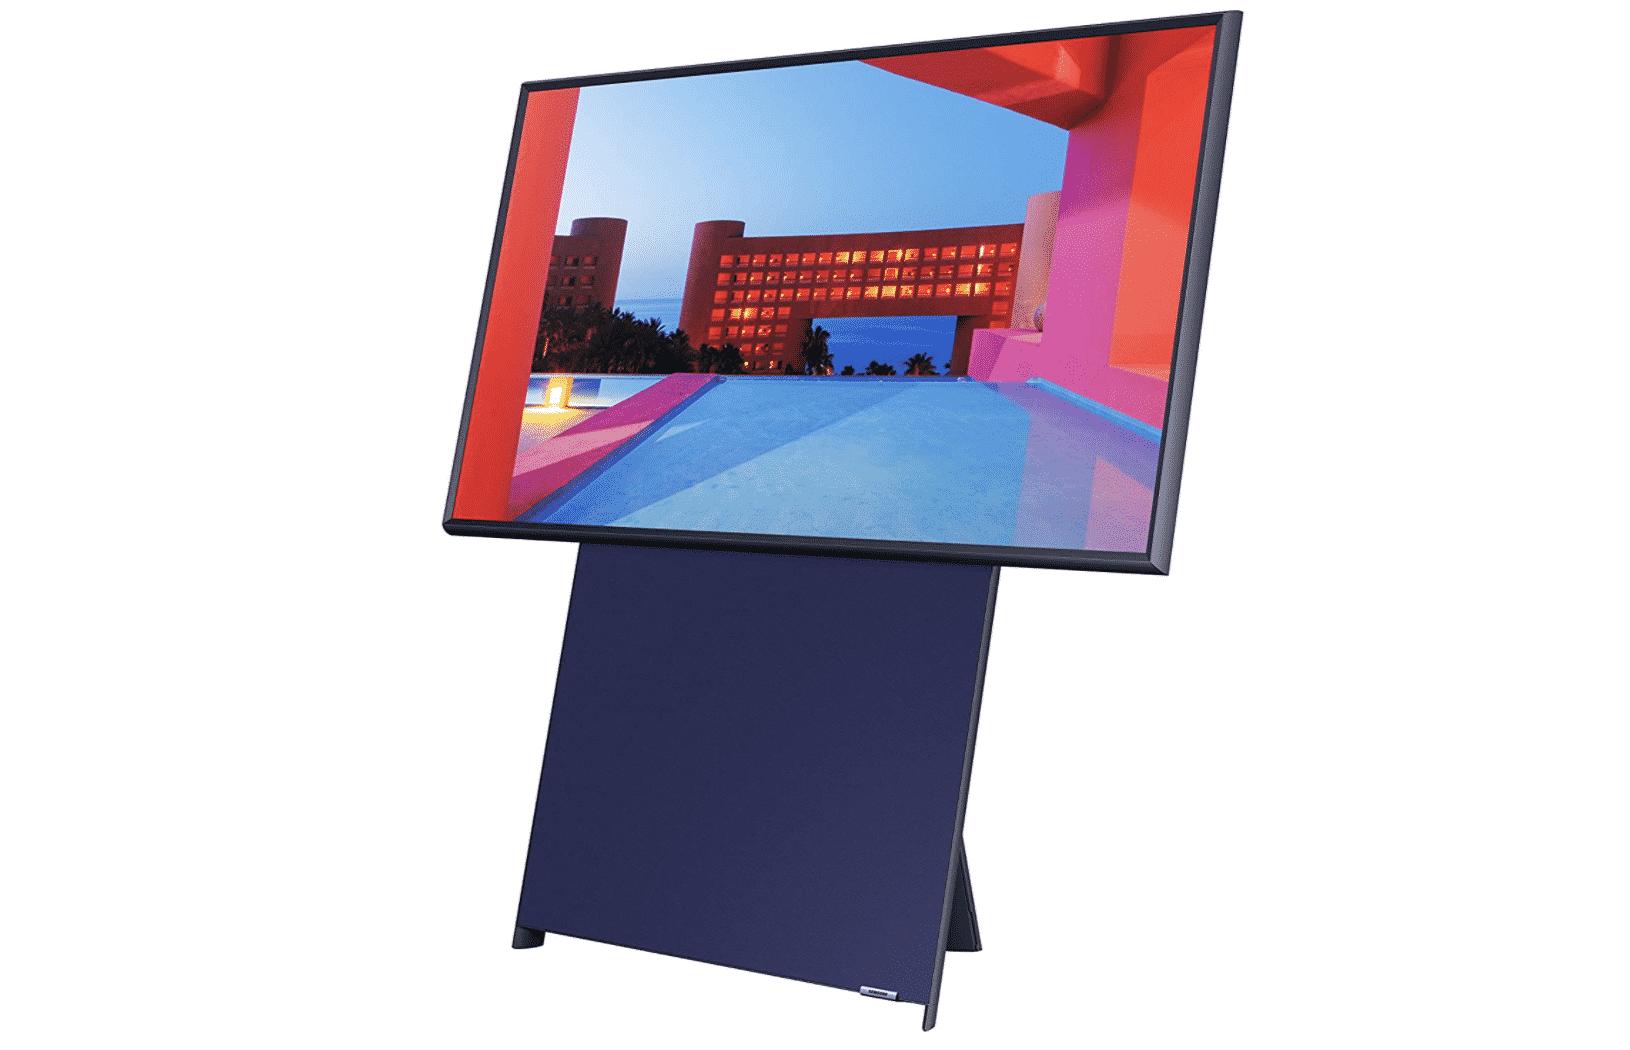 43 inch Sero QLED TV by Samsung